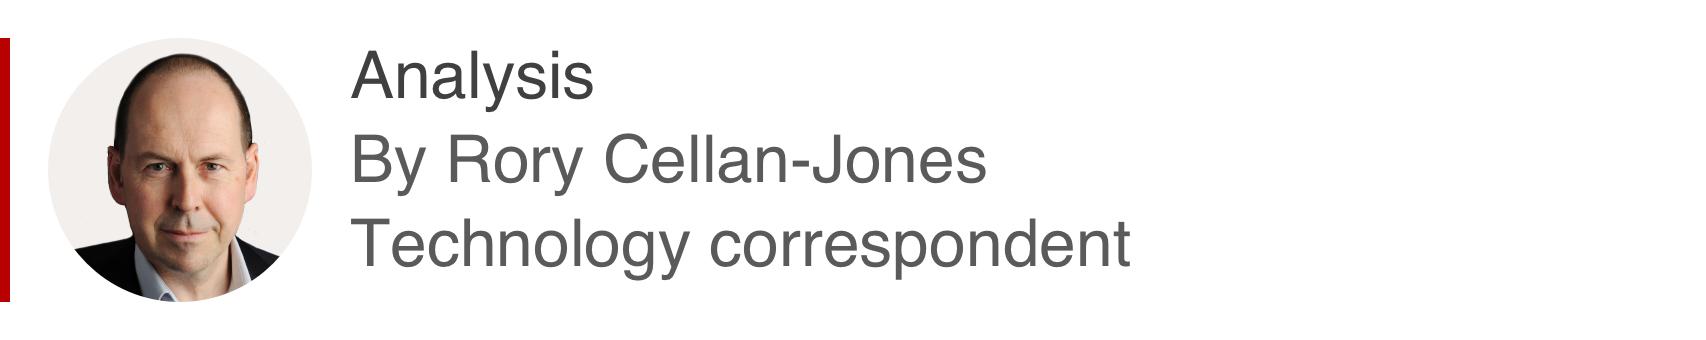 Hộp phân tích của Rory Cellan-Jones, phóng viên công nghệ